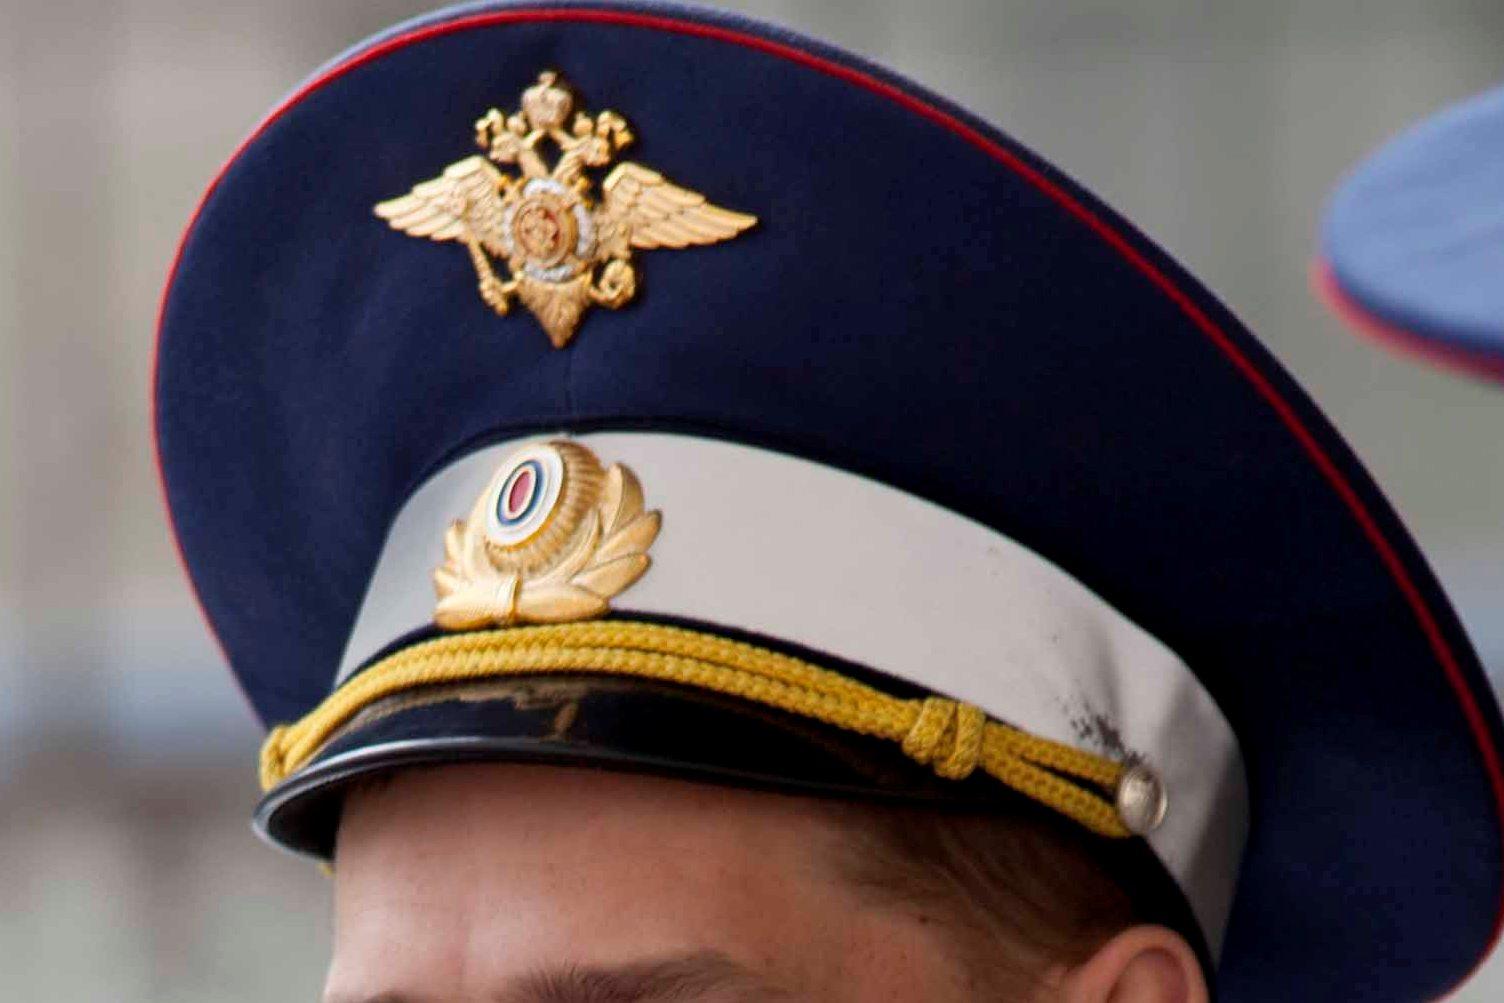 В Екатеринбурге сотрудник ГИБДД попался на взятке